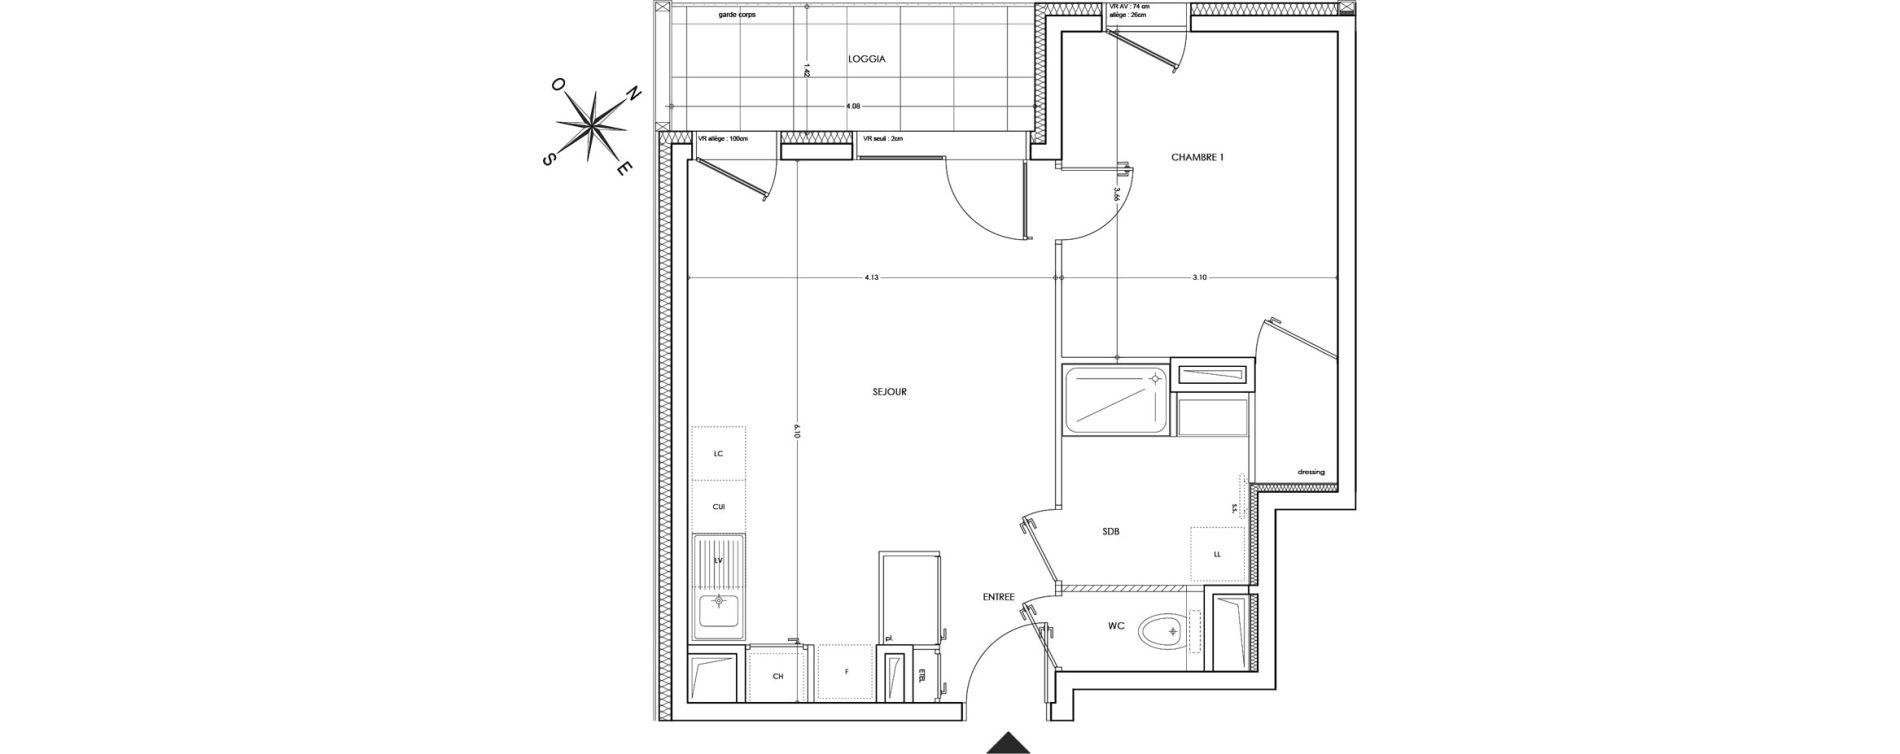 Appartement T2 de 42,99 m2 à Annecy Parc des sports - fier